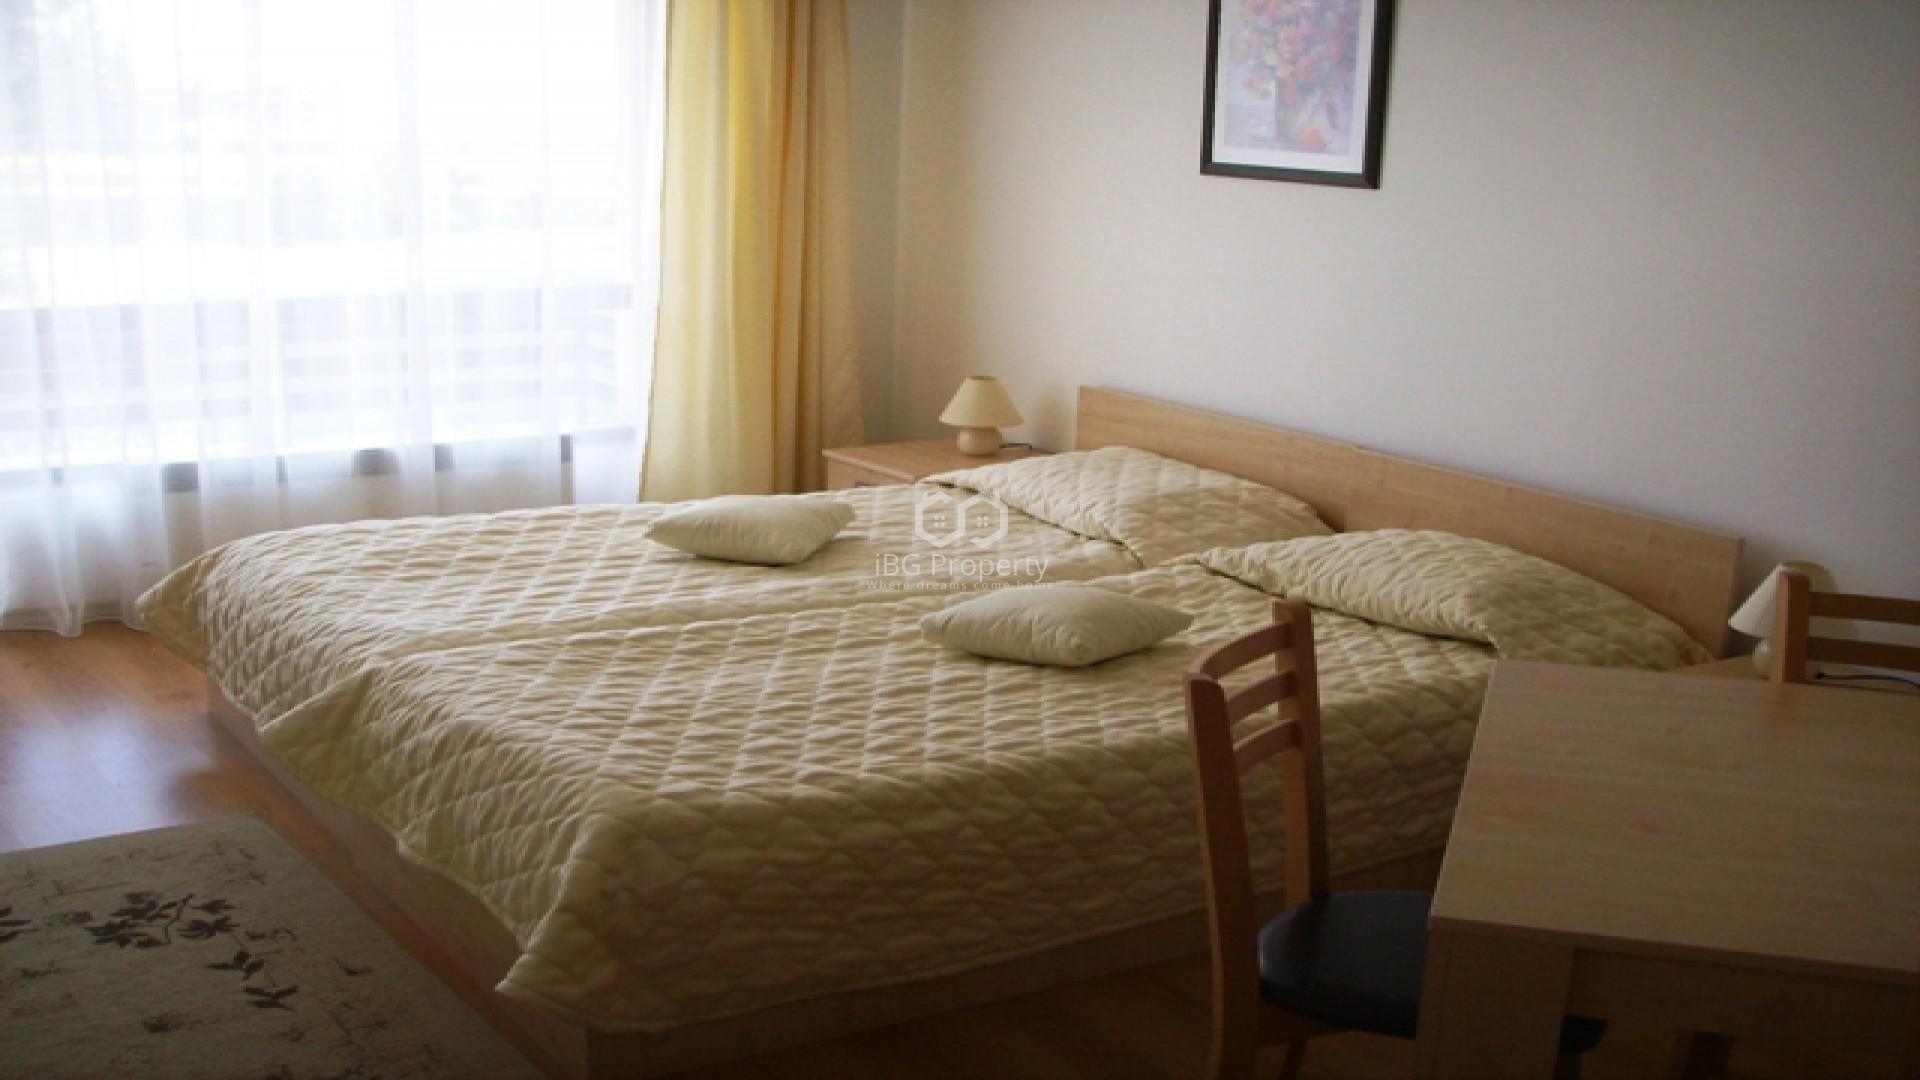 One room apartment Bansko 44 m2